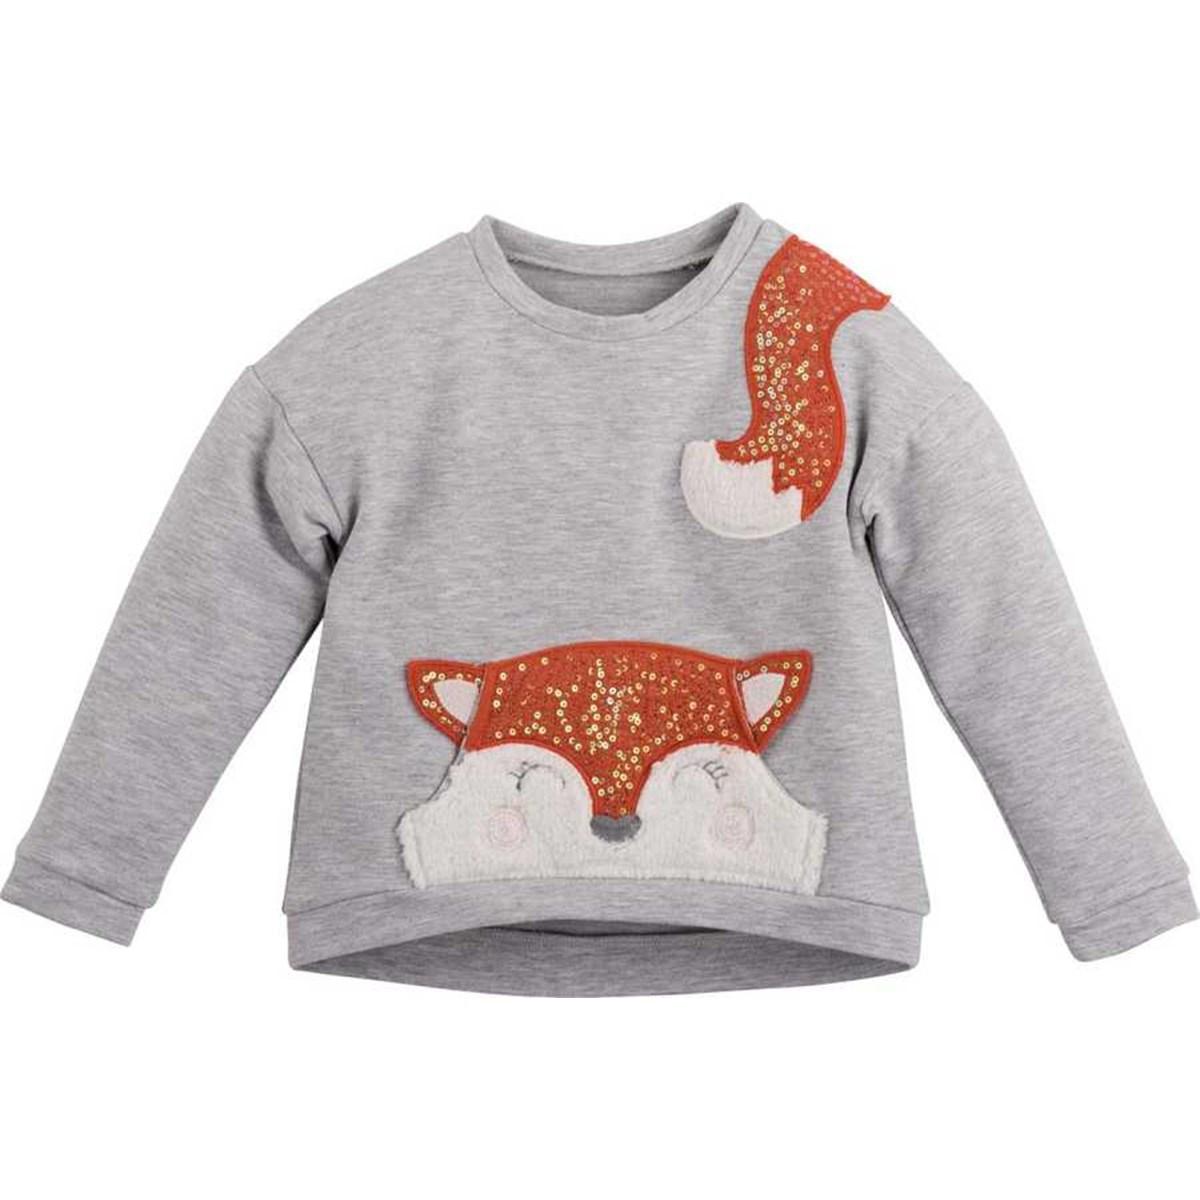 9414 Sweatshirt 1